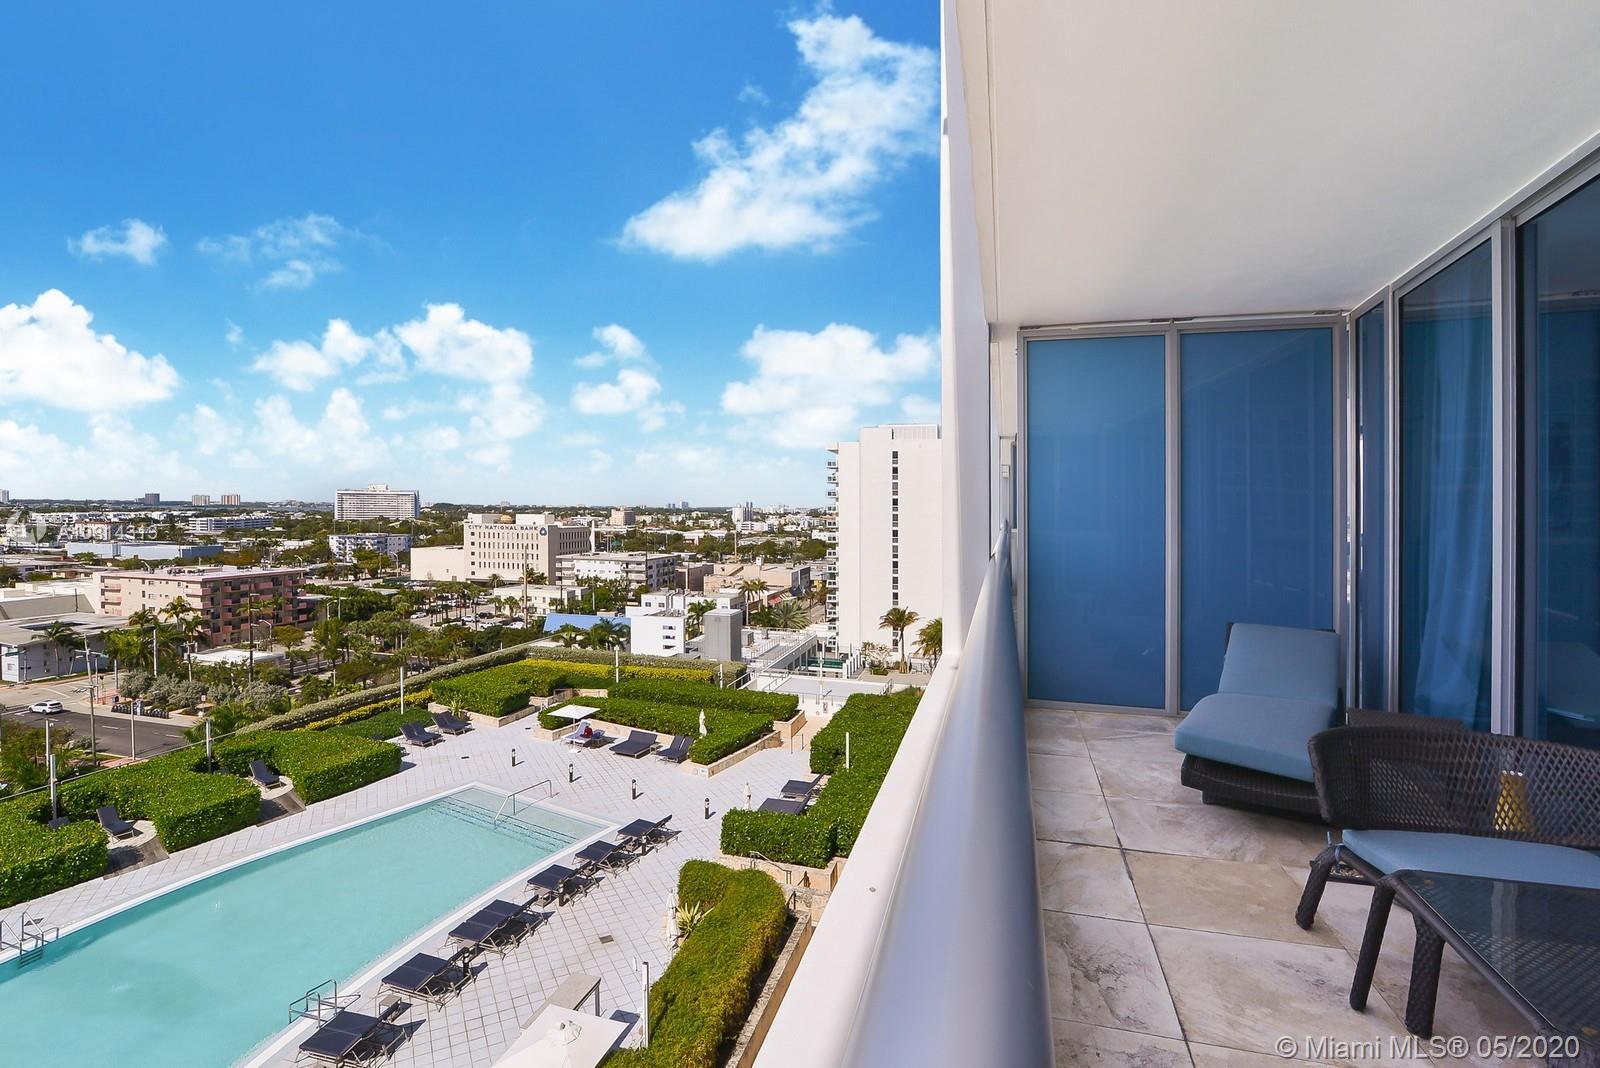 6899 Collins Ave #1010, Miami Beach, FL 33141 - Miami Beach, FL real estate listing